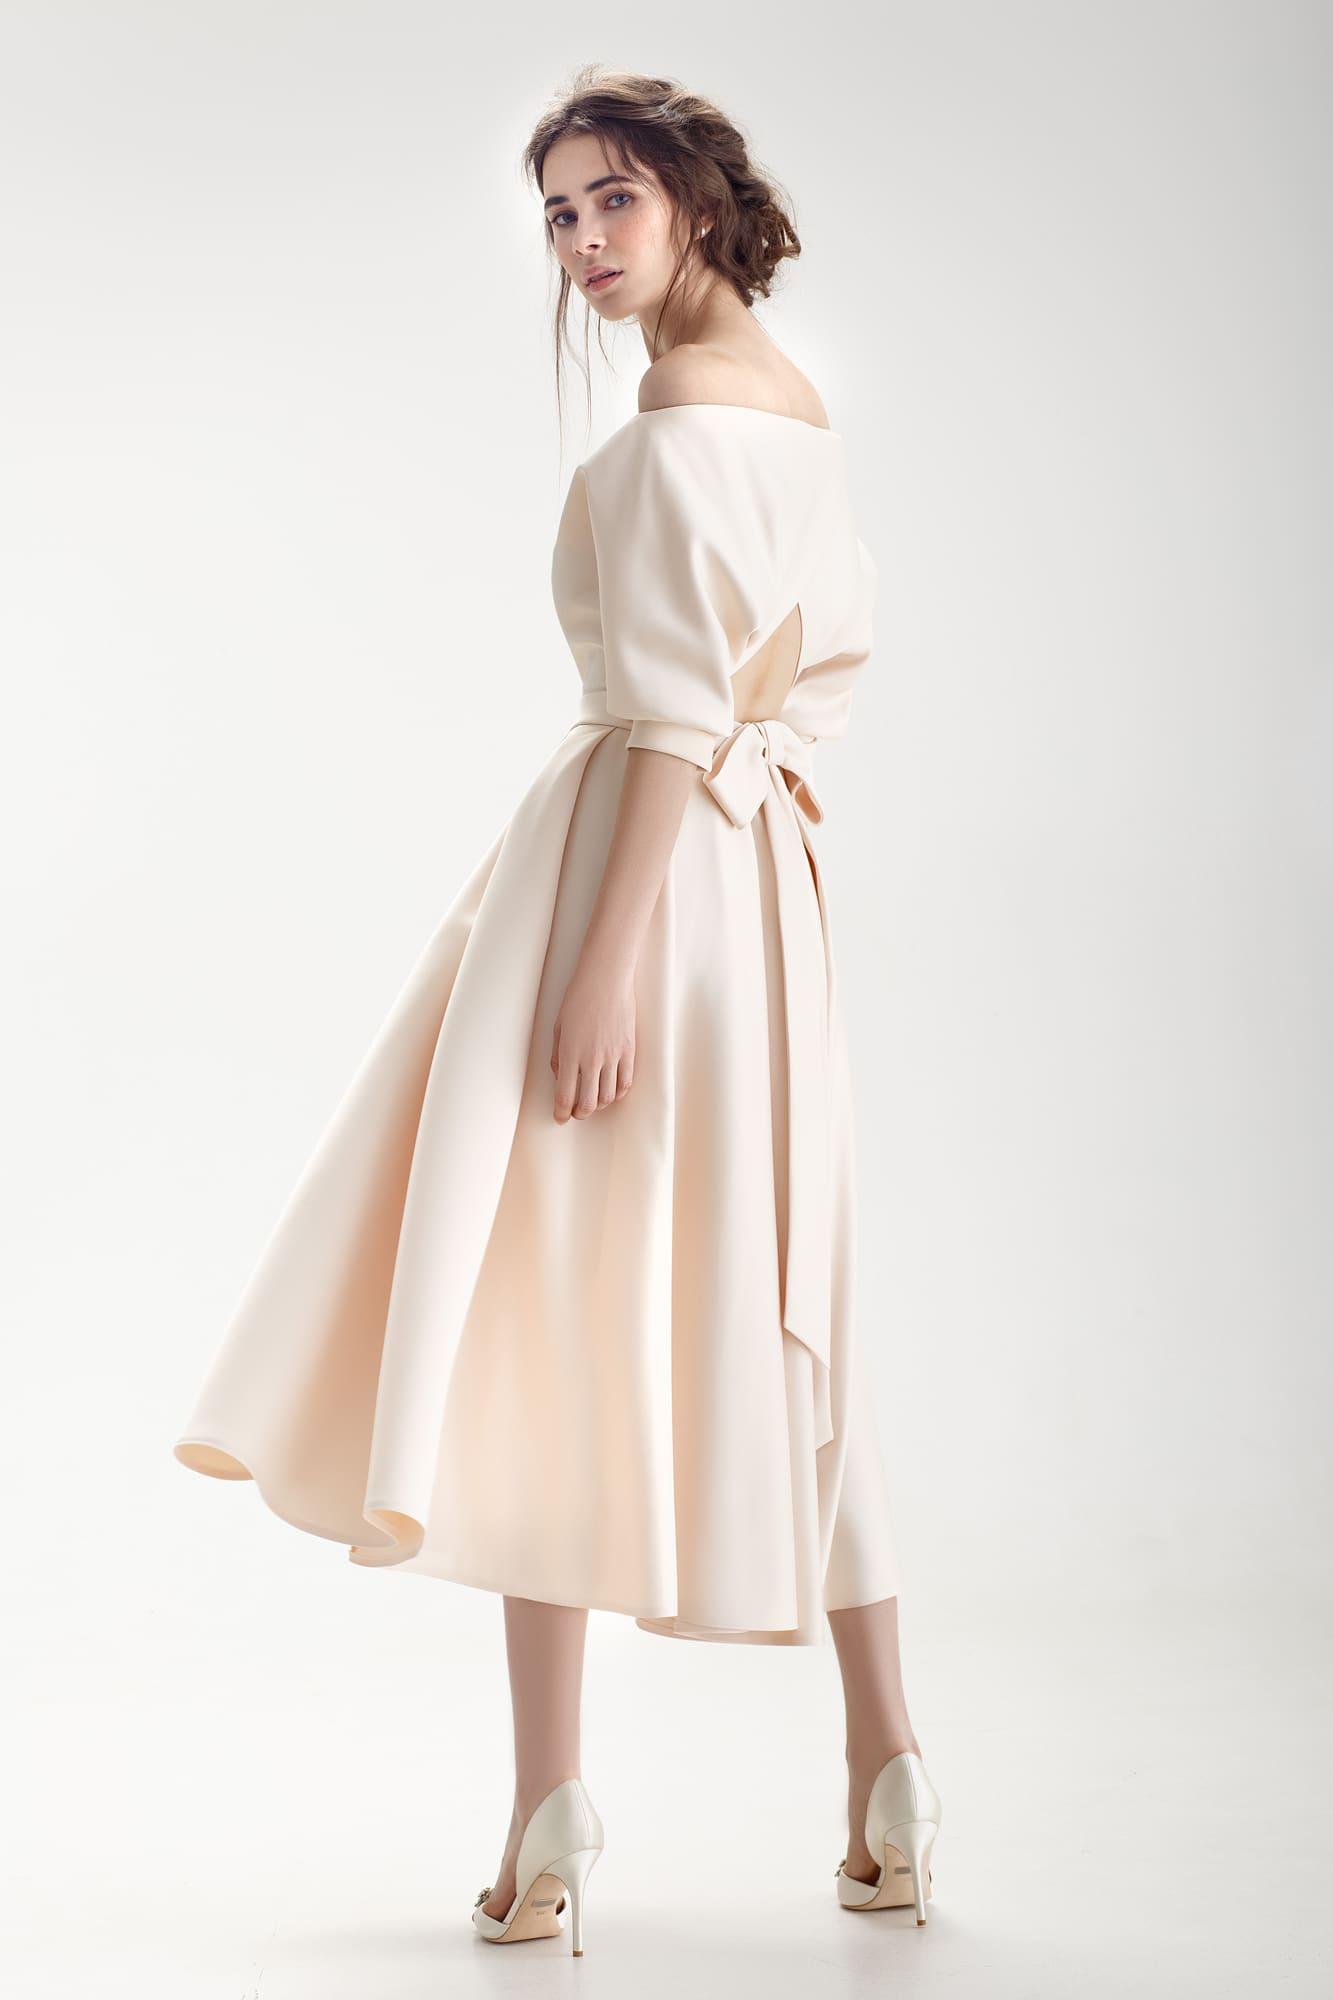 fa56a198d0388f8 Свадебное платье бежевого цвета с юбкой длины миди и открытым верхом с пышным  рукавом.